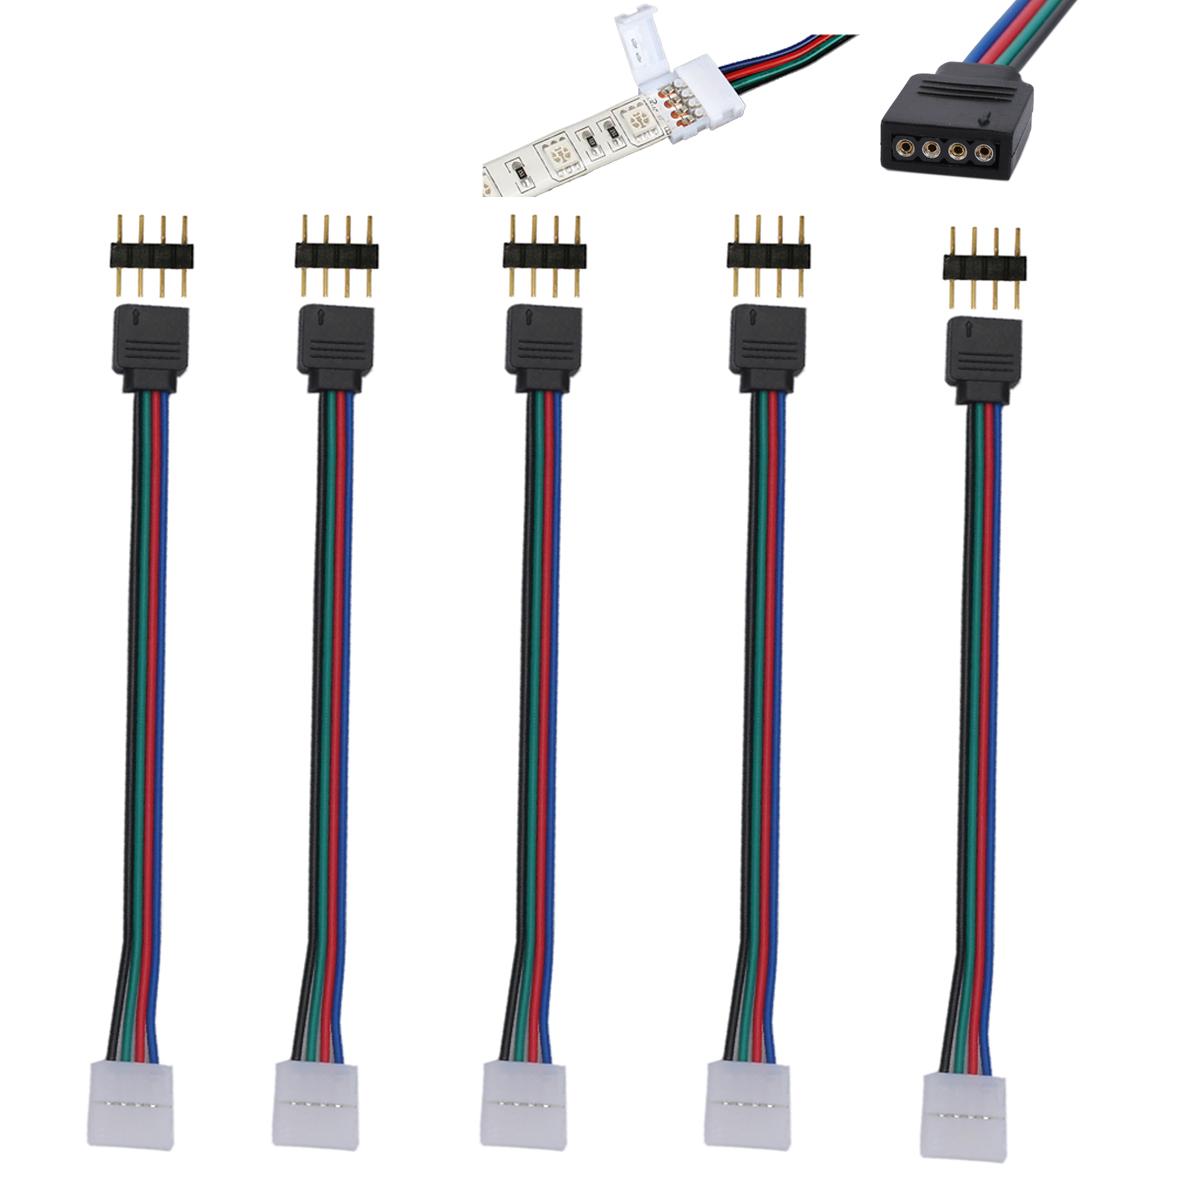 5050 rgb led strip wiring diagram sunl 50cc atv 5 x 10mm 4 pin 3528 strips light pcb